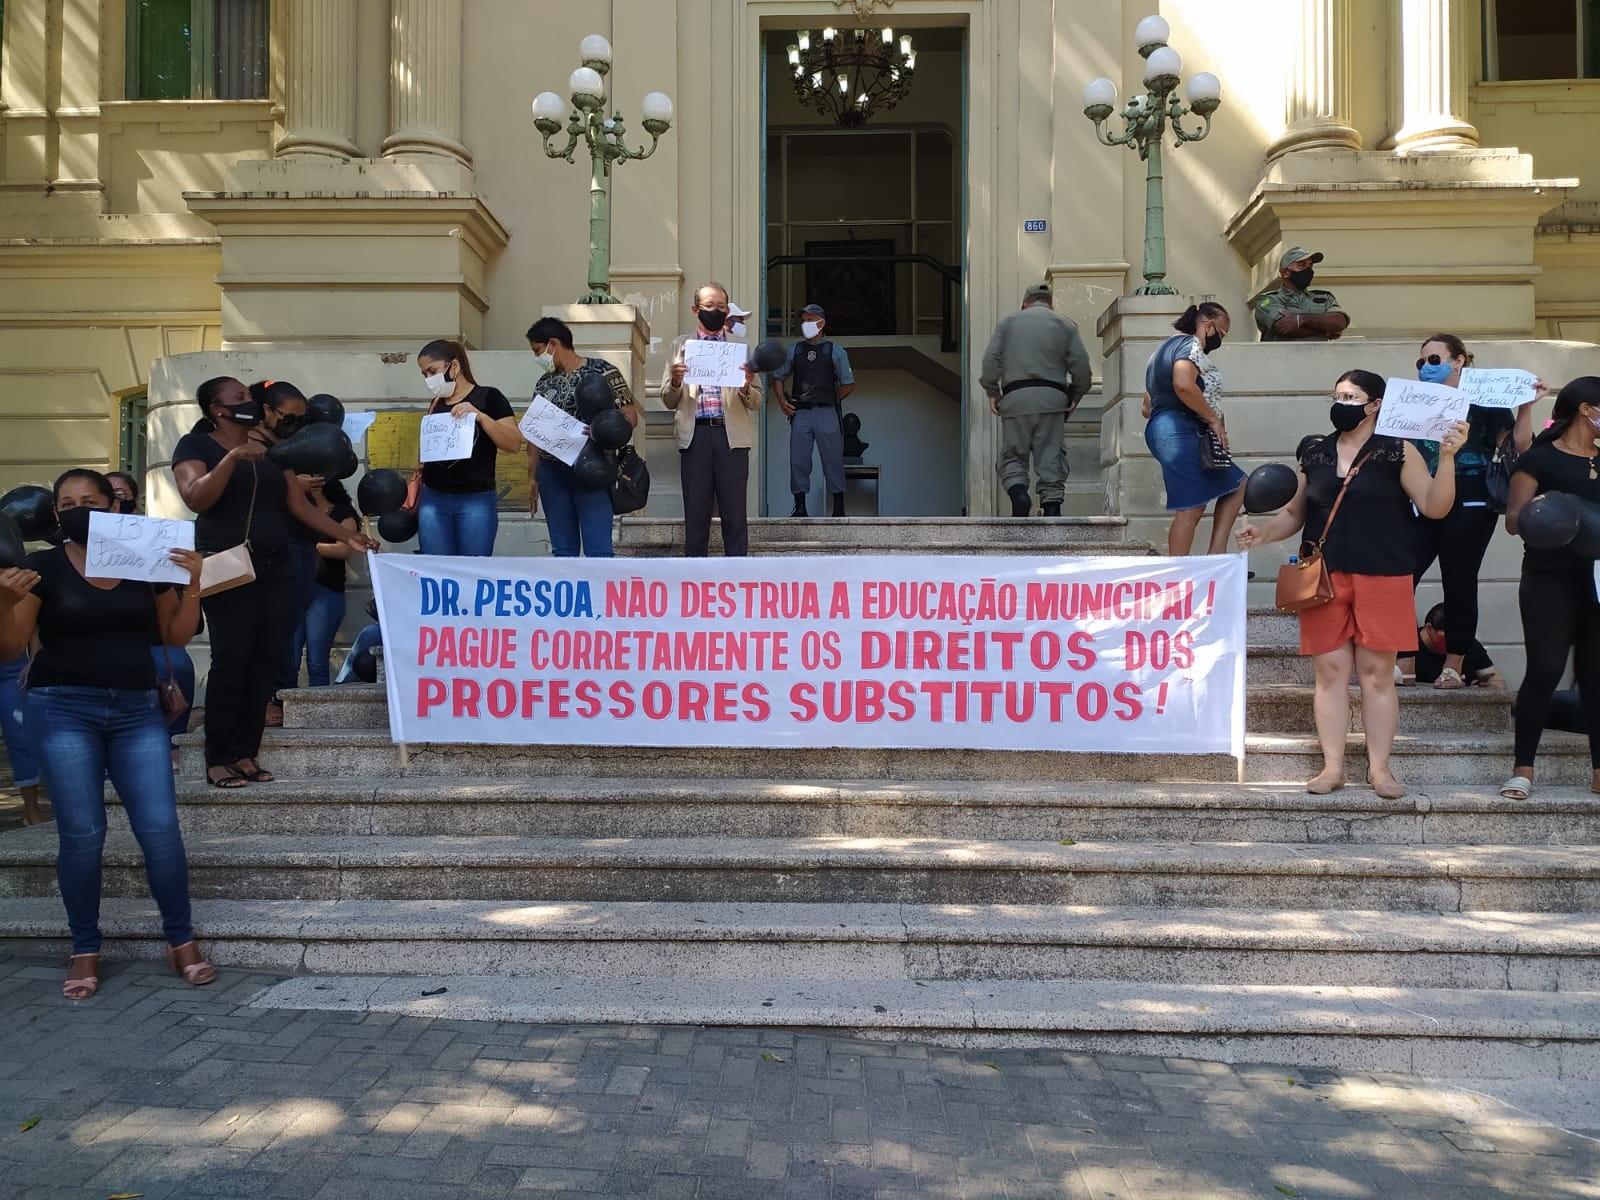 Professores substitutos de Teresina fazem protesto na Prefeitura e pedem pagamento de férias e 13º salário